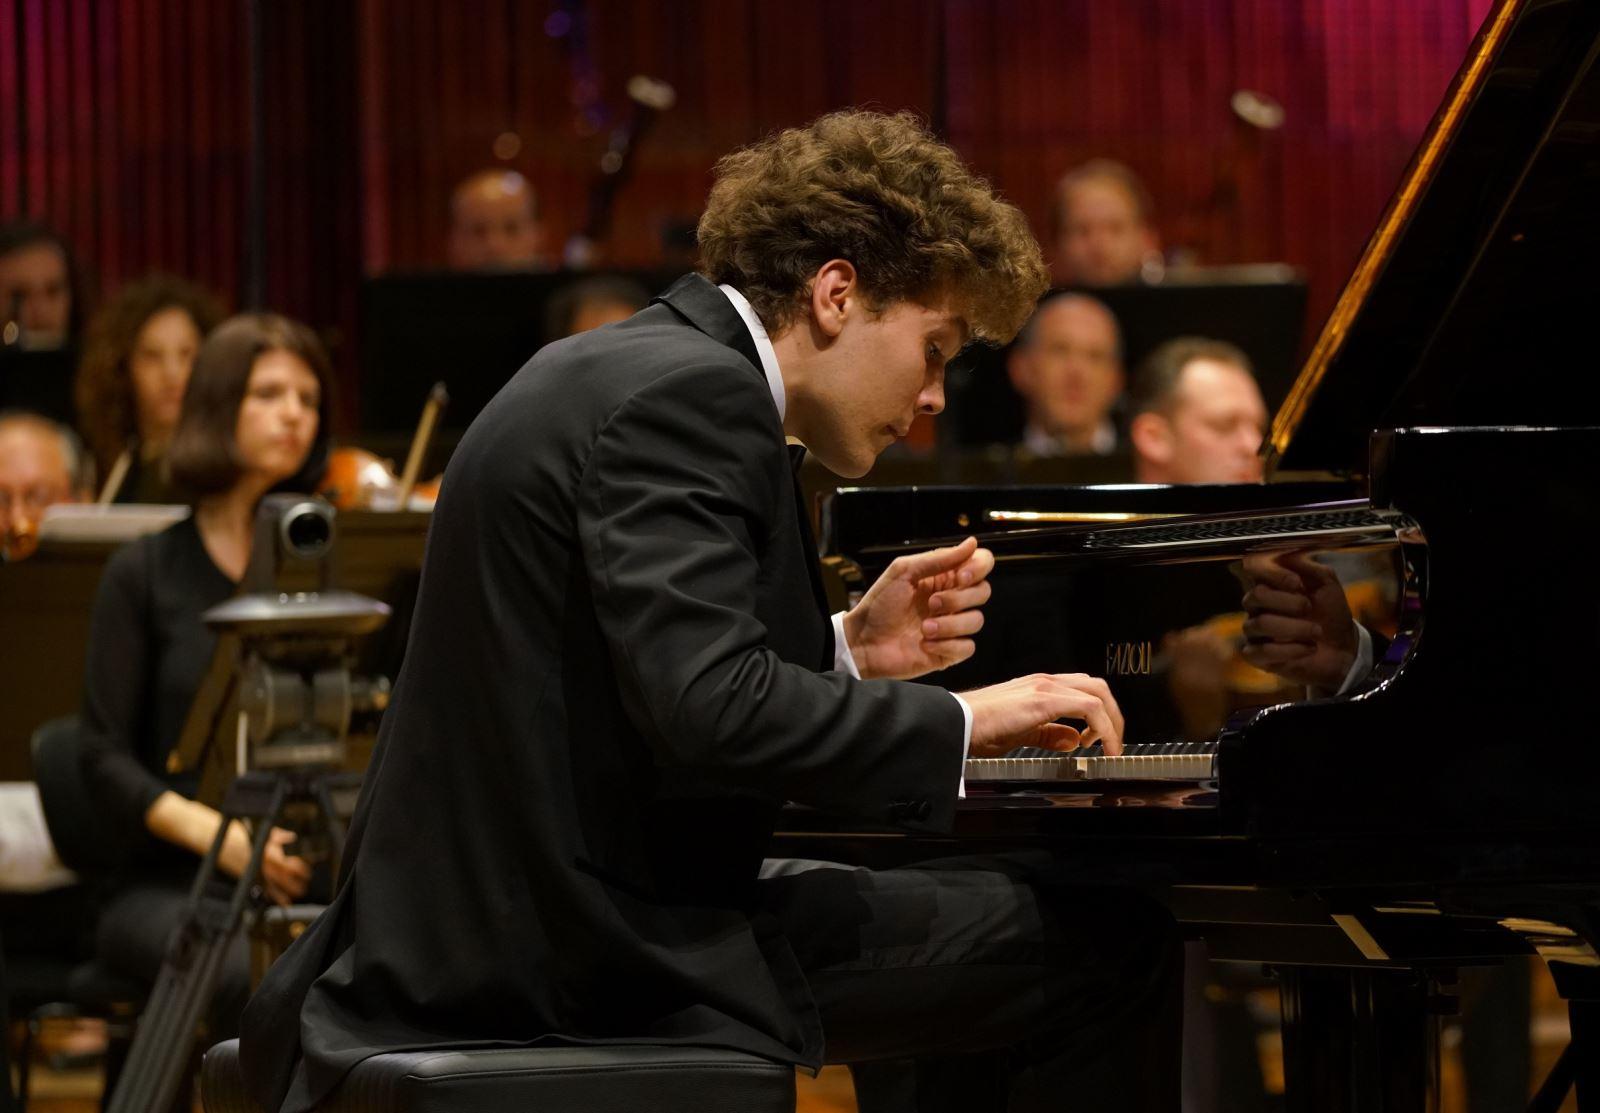 תתחילו להתרגש: התחרות הבינלאומית ה-16 לפסנתר ע''ש ארתור רובינשטיין חוזרת לאילת